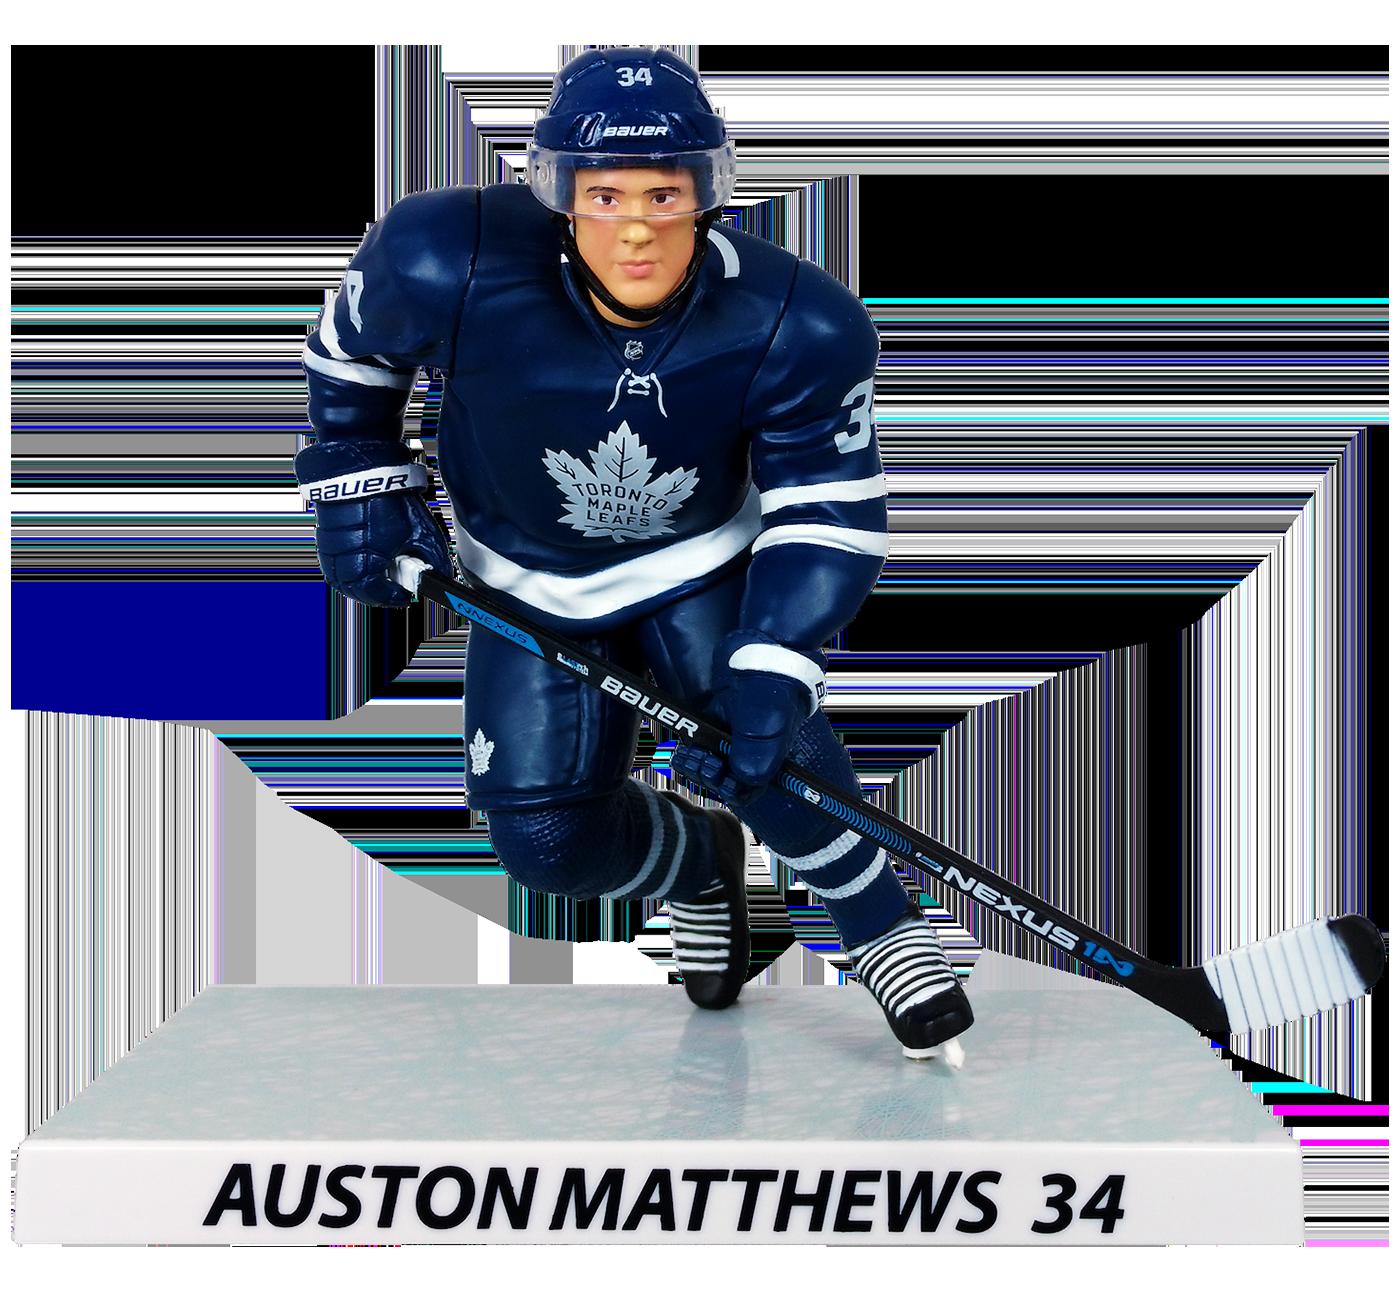 Auston Matthews Image